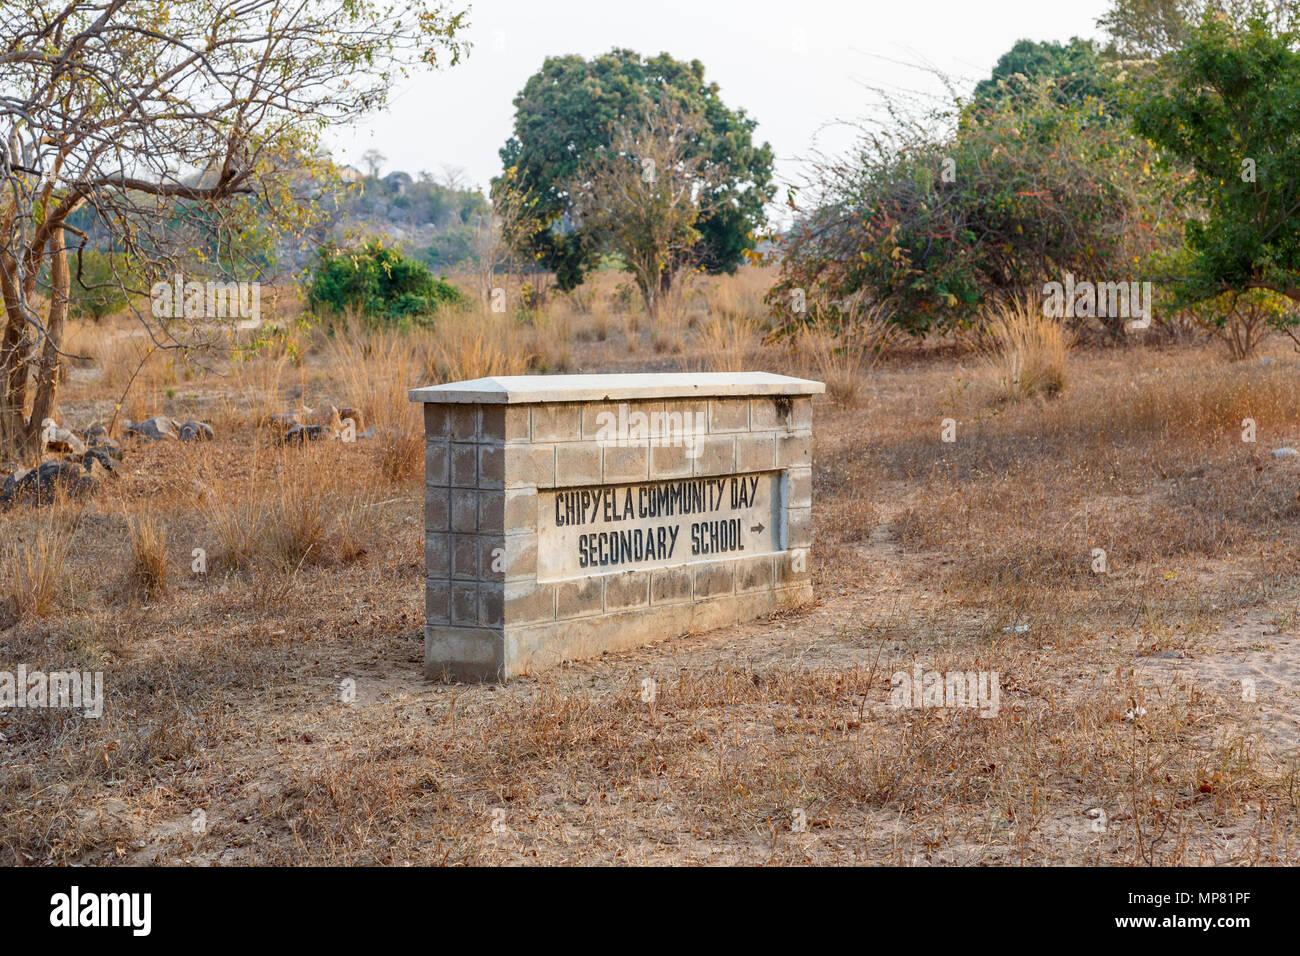 Name sign for the local Chipyela Community Day Secondary School (Mbamba) on Likoma Island, Lake Malawi, Malawi, south-east Africa Stock Photo